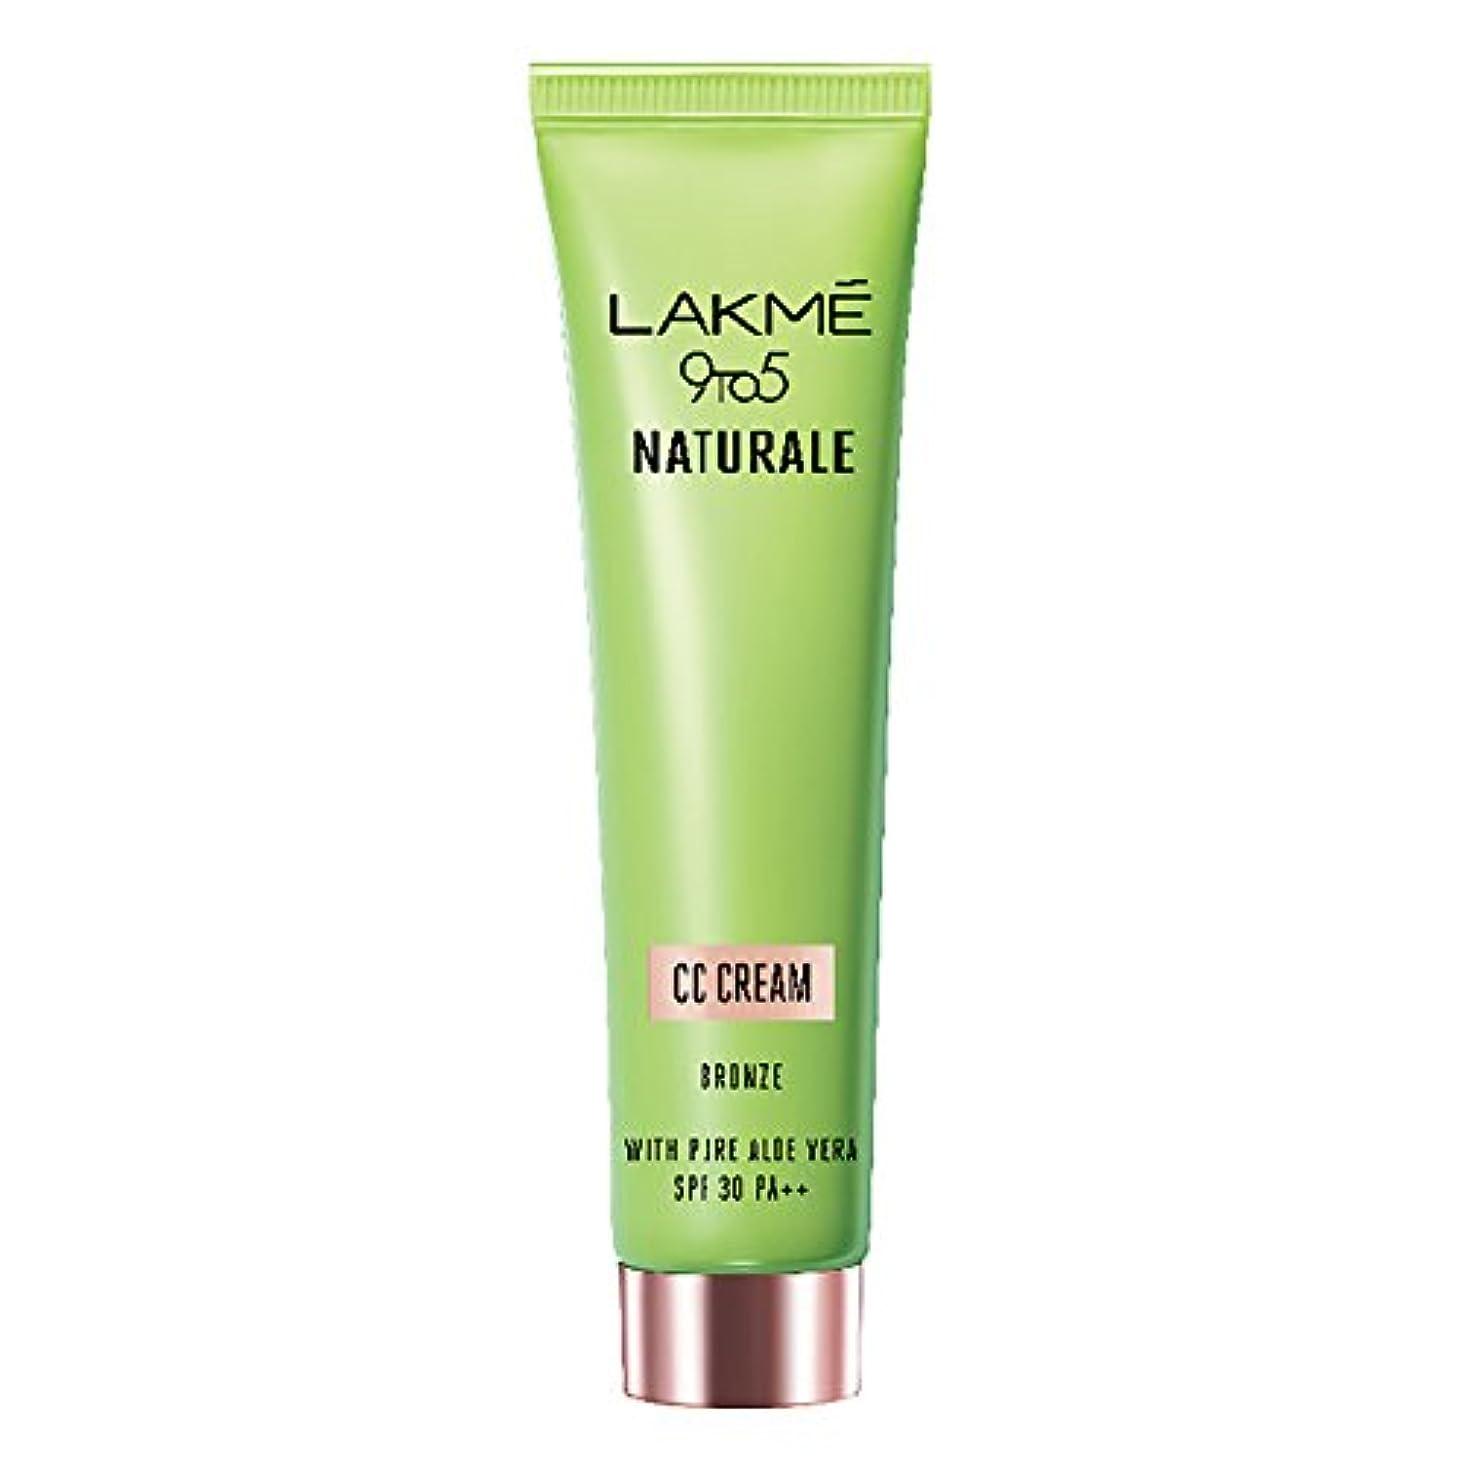 パラダイス抵抗パドルLakme 9 to 5 Naturale CC Cream, Bronze, 30g